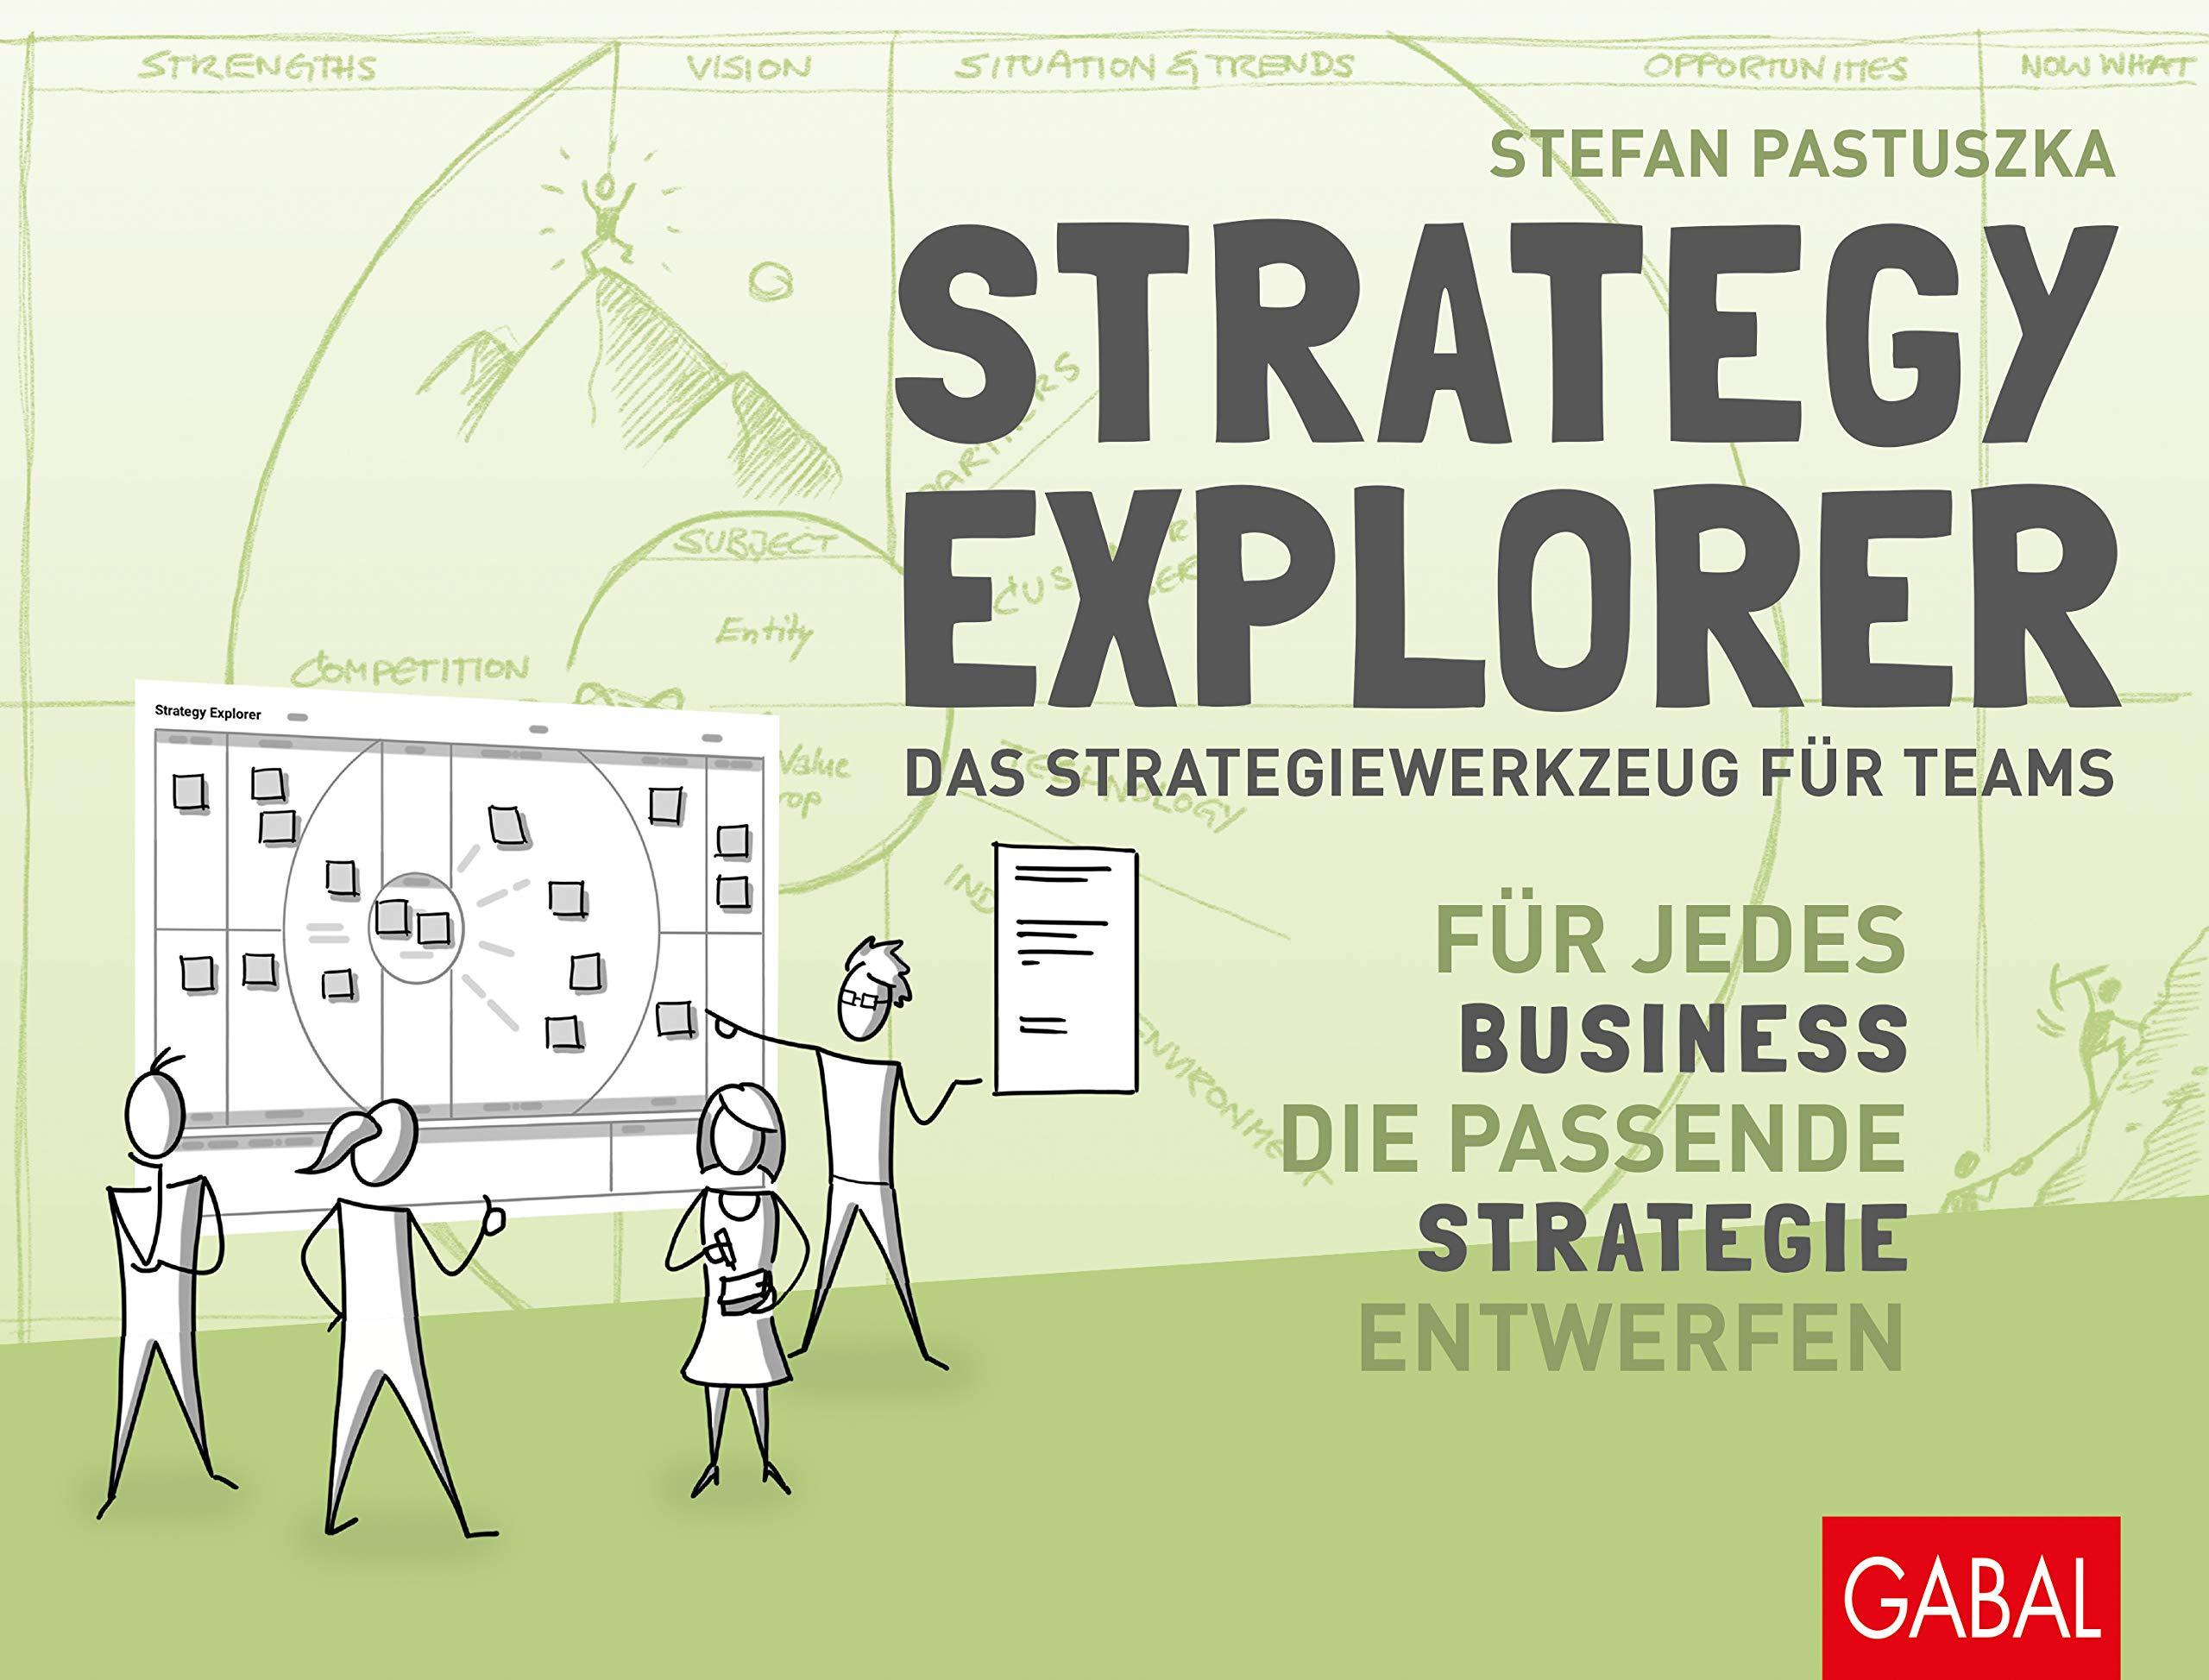 Strategy Explorer – Das Strategiewerkzeug Für Teams  Für Jedes Business Die Passende Strategie Entwerfen  Dein Business